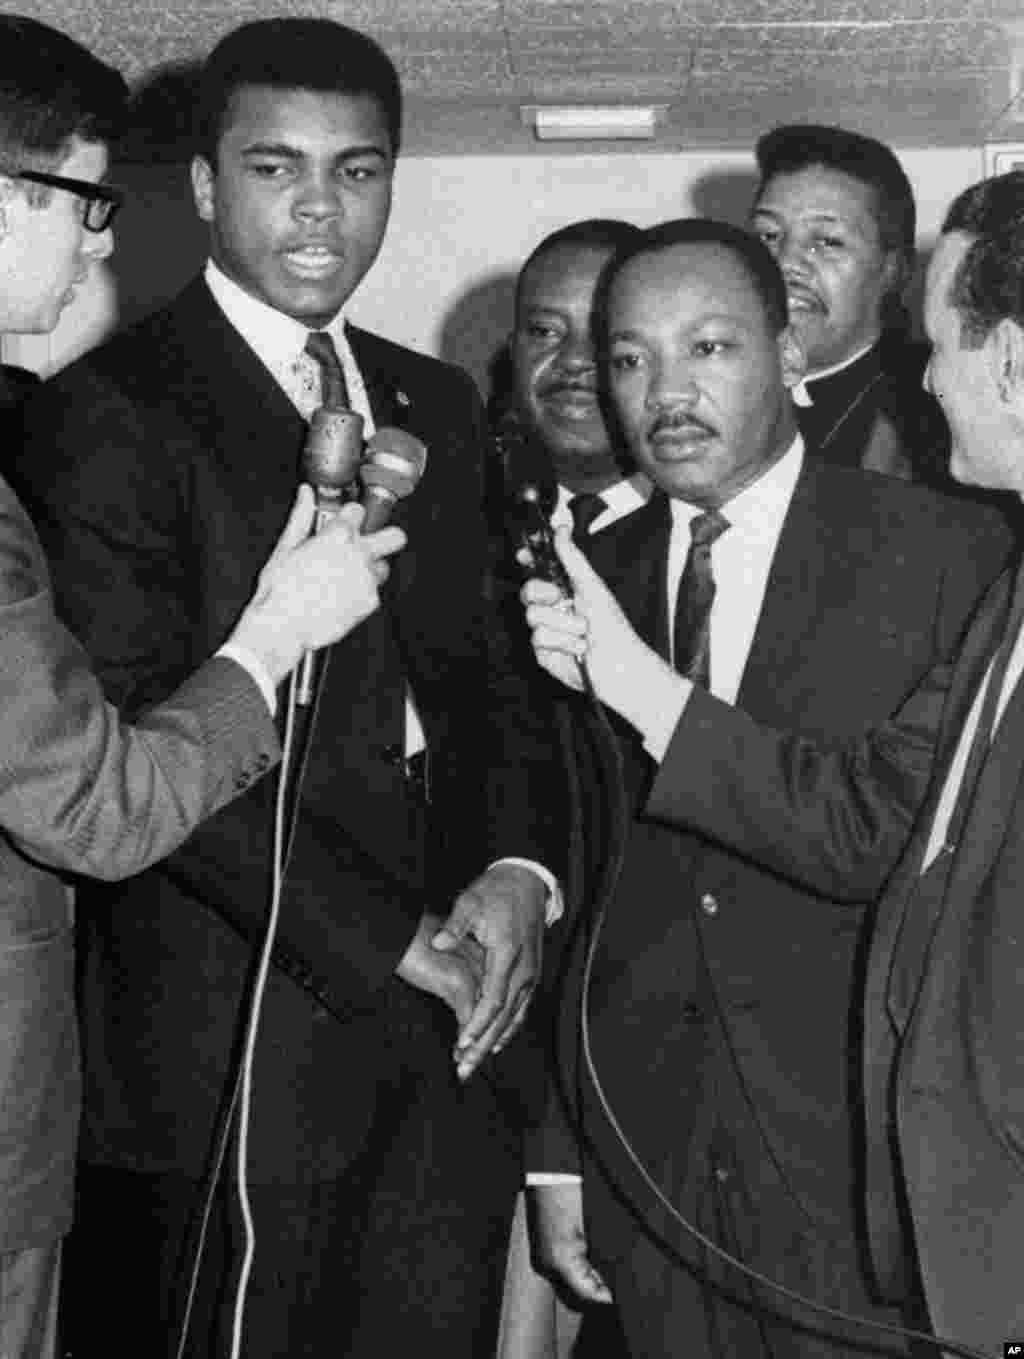 محمدعلی و مارتین لوترکینگ در کنتاکی با خبرنگاران سخن می گویند. این زمانی بود که محمدعلی از خدمت در ارتش سرباز زد.